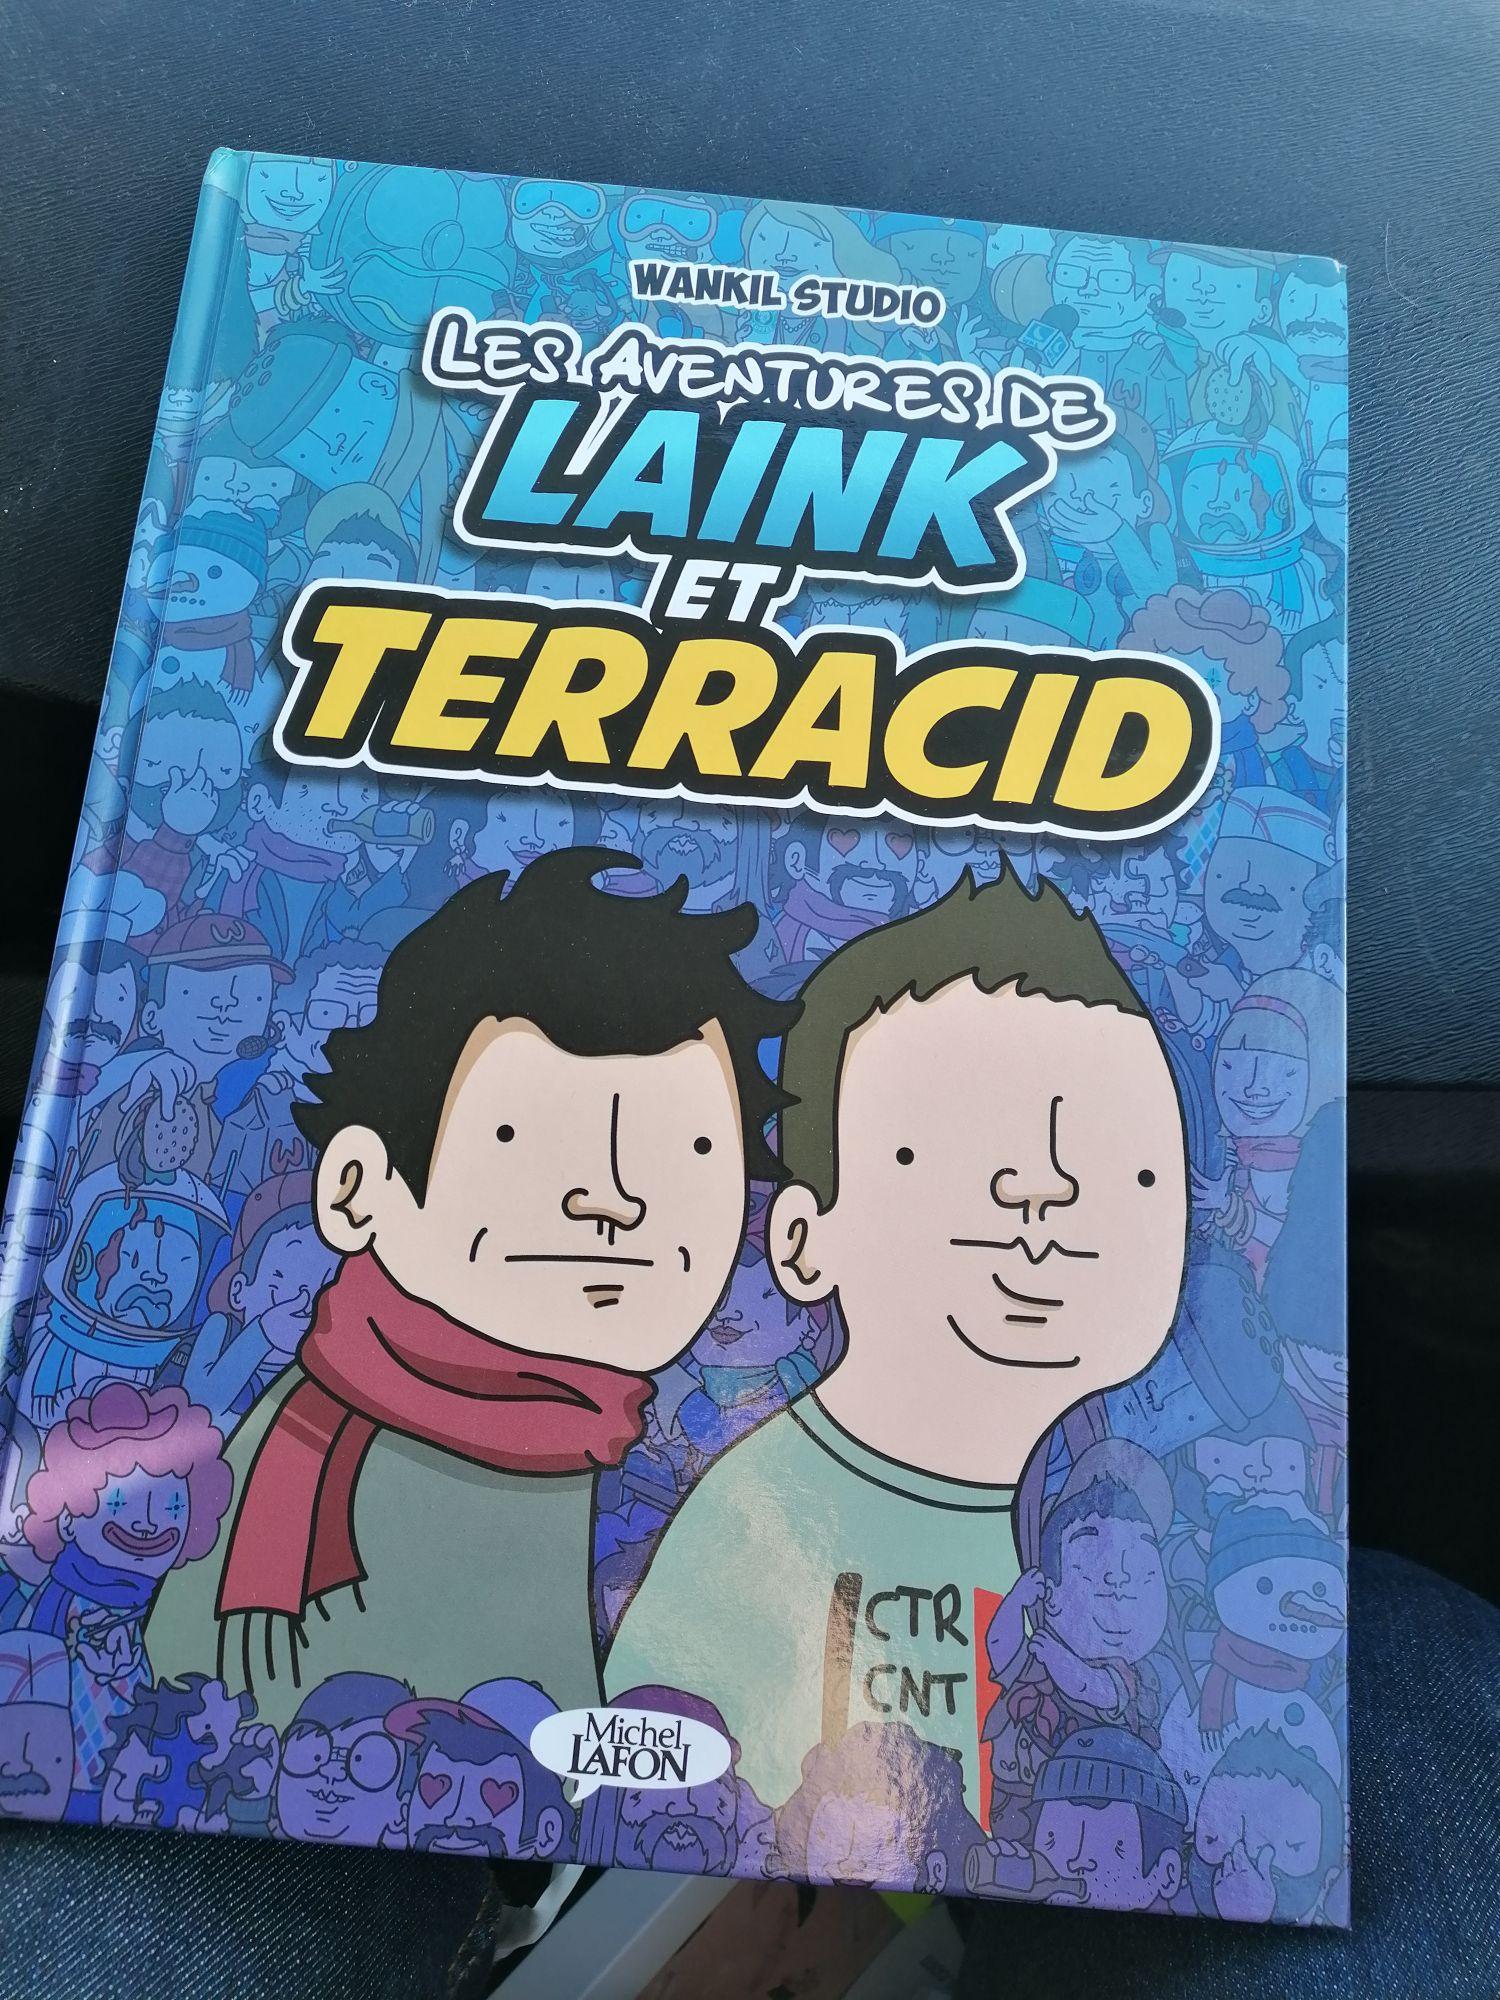 Bande dessinée Wankil Studio Les Aventures de Laink et Terracid - Chauray (79)